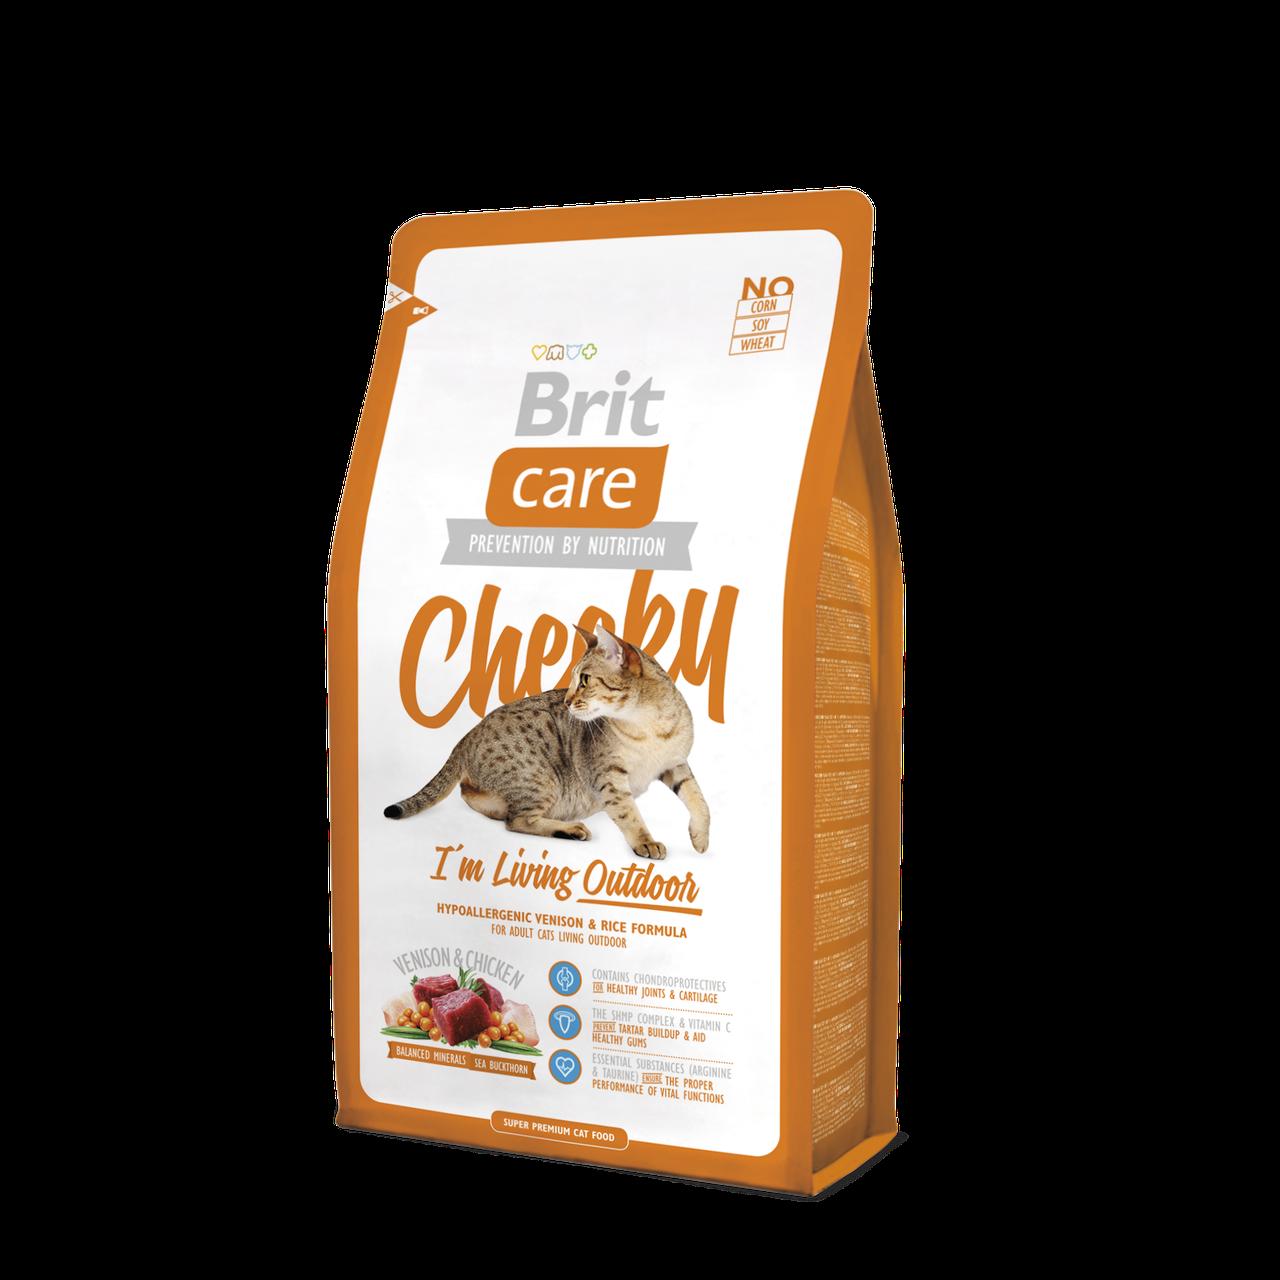 Brit Care Cheeky I am Living Outdoor корм для кошек выходящих на улицу, 7 кг